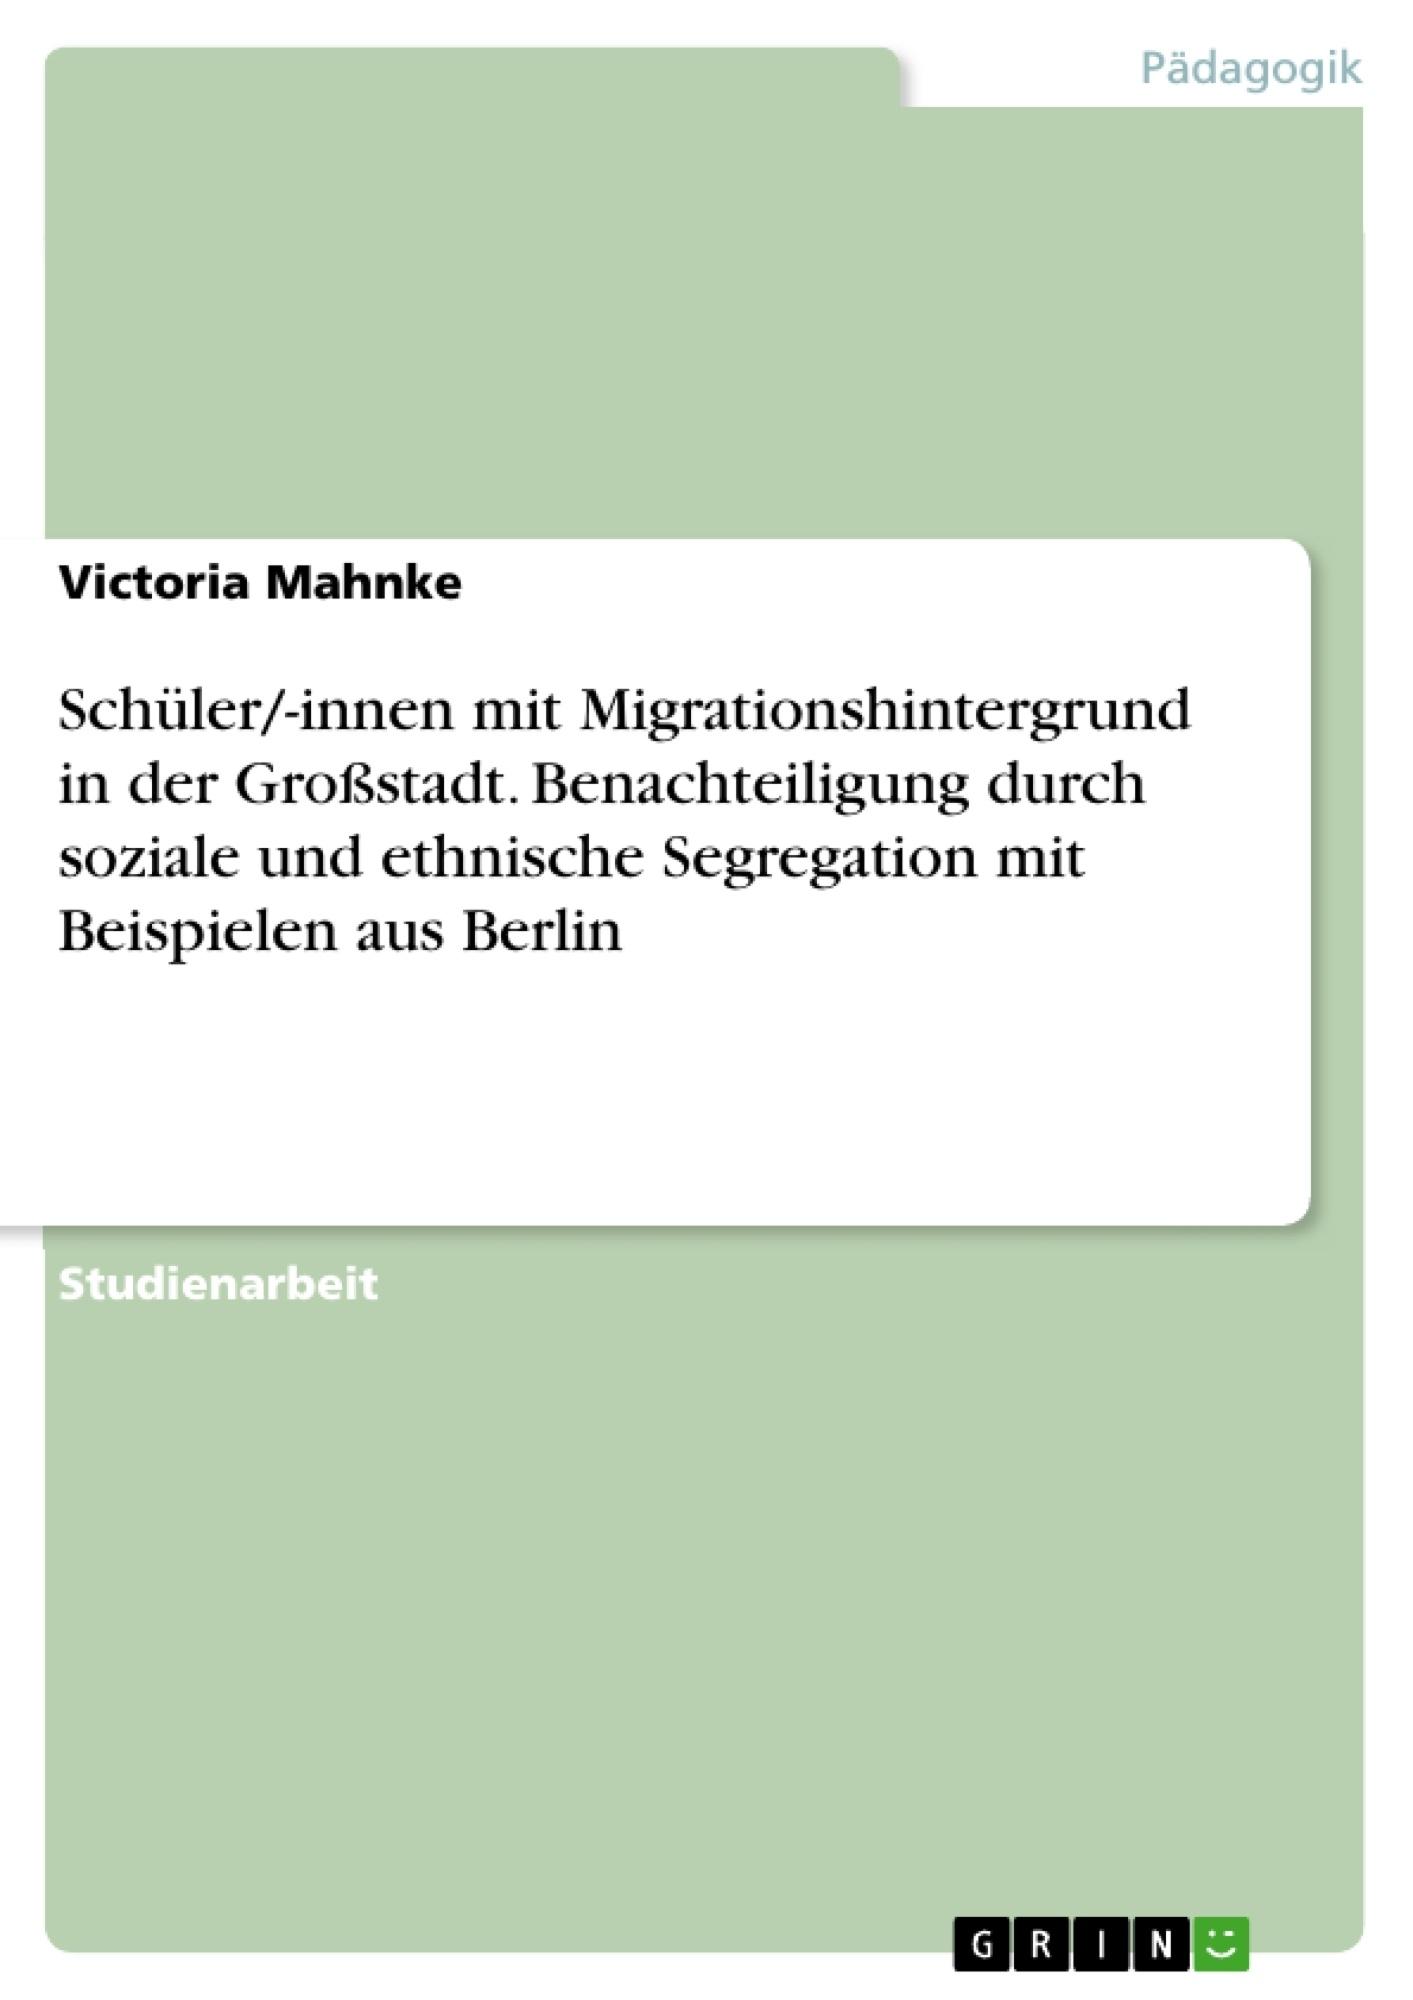 Titel: Schüler/-innen mit Migrationshintergrund in der Großstadt. Benachteiligung durch soziale und ethnische Segregation mit Beispielen aus Berlin